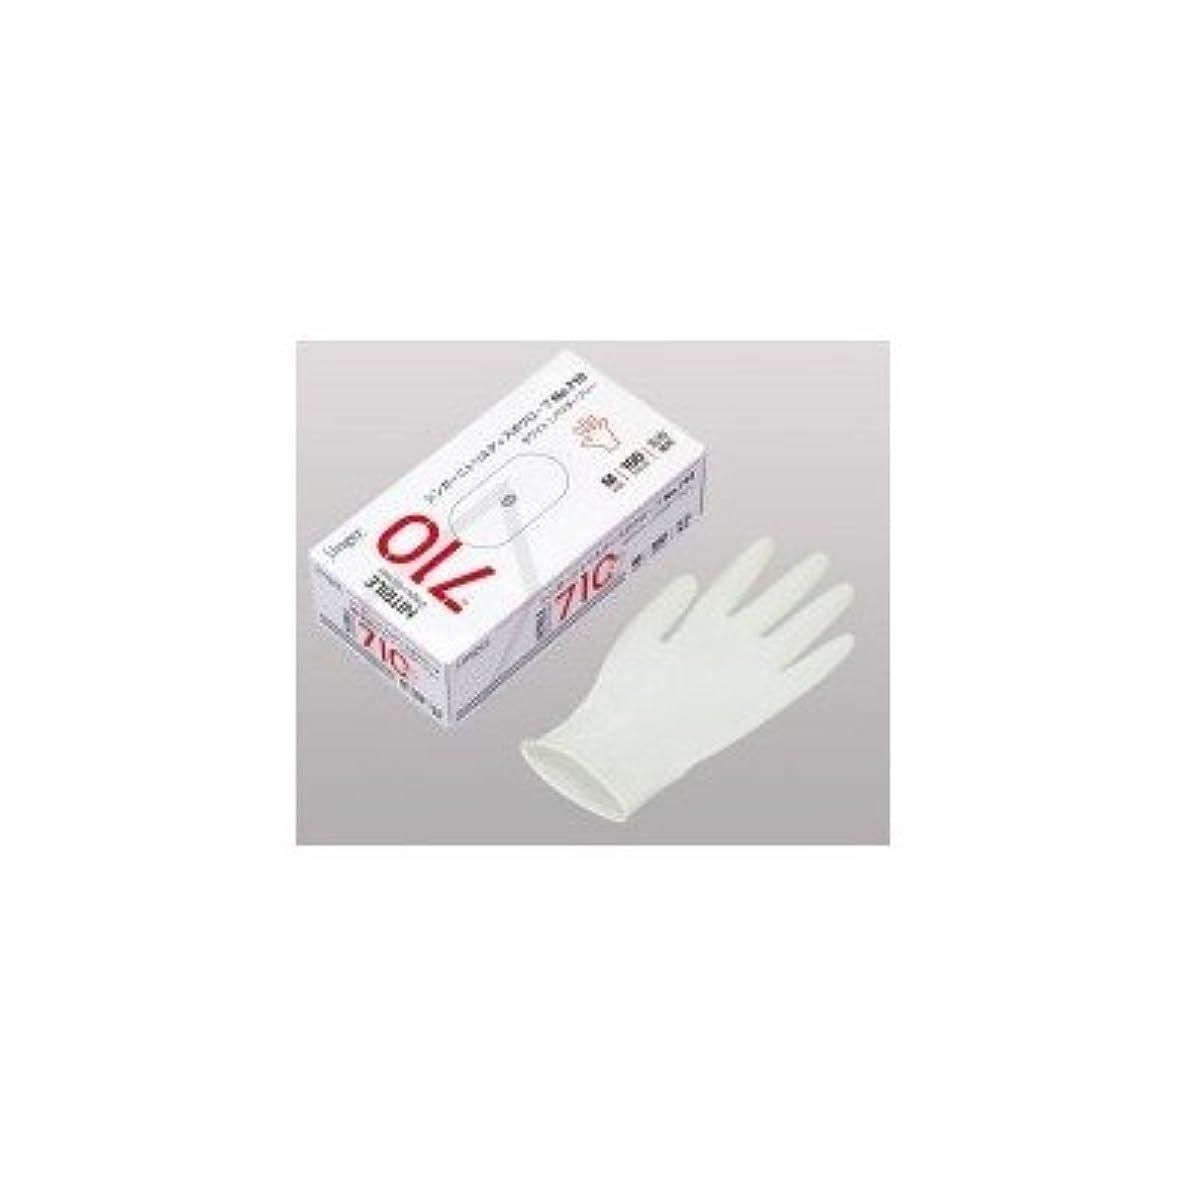 従者レモン馬鹿げたシンガー ニトリルディスポグローブ(手袋) No.710 ホワイト パウダーフリー(100枚) M( 画像はイメージ画像です お届けの商品はMのみとなります)